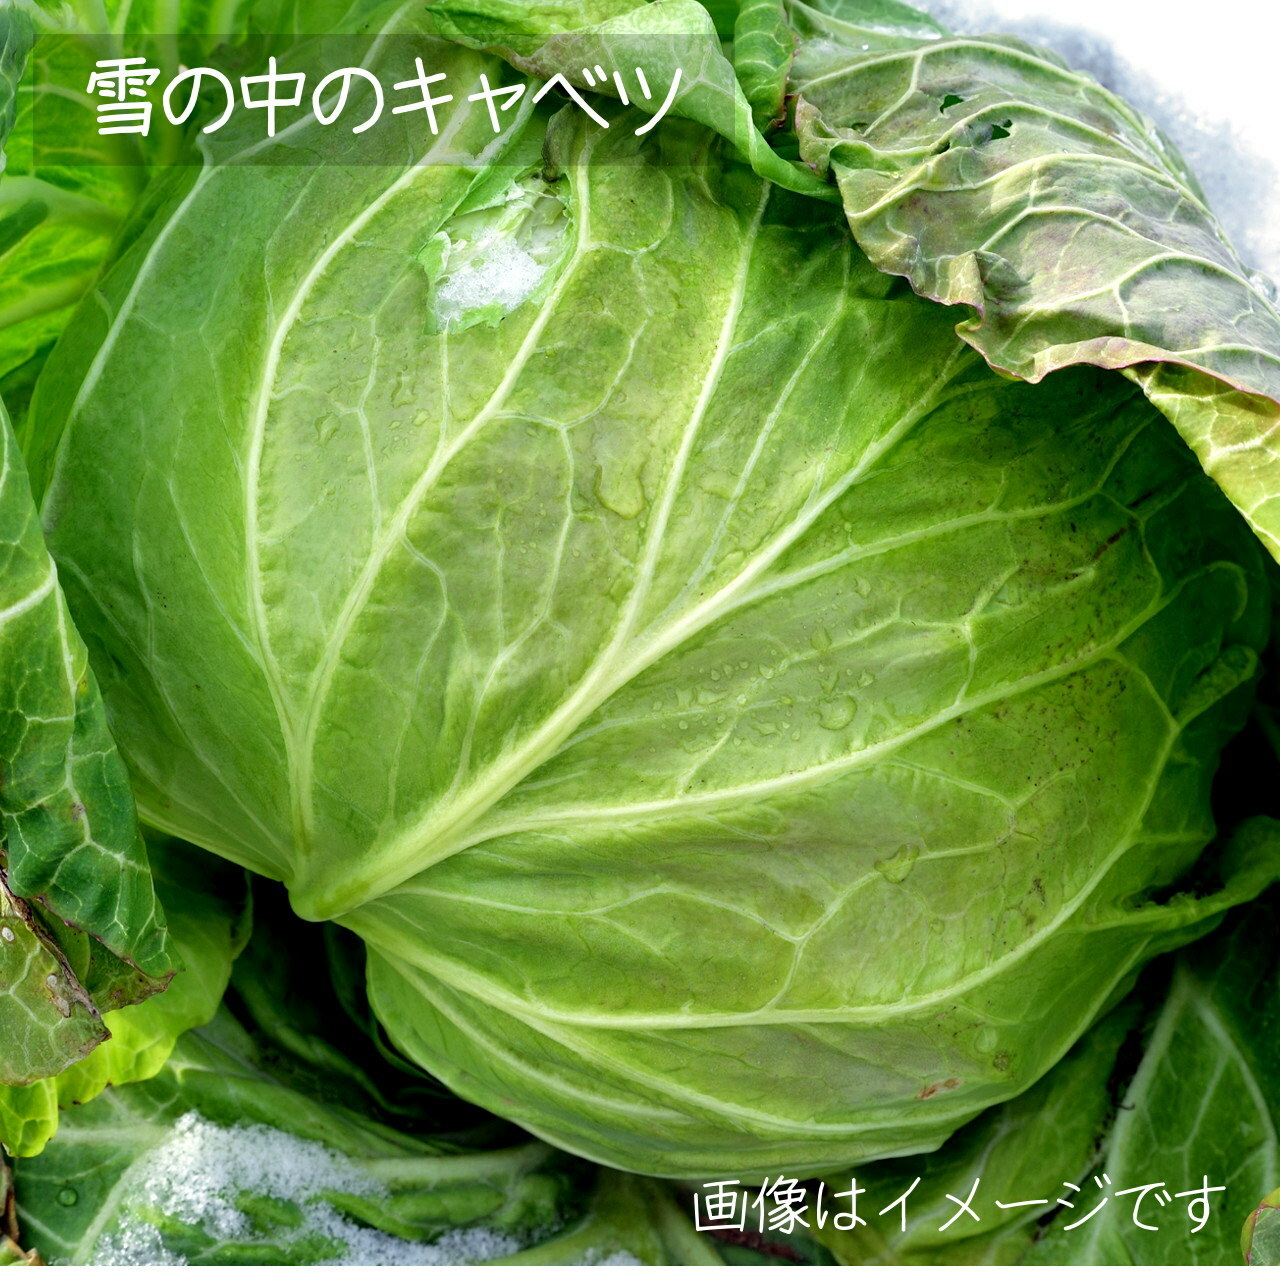 キャベツ 1個 朝採り直売野菜 7月新鮮野菜 7月13日発送予定